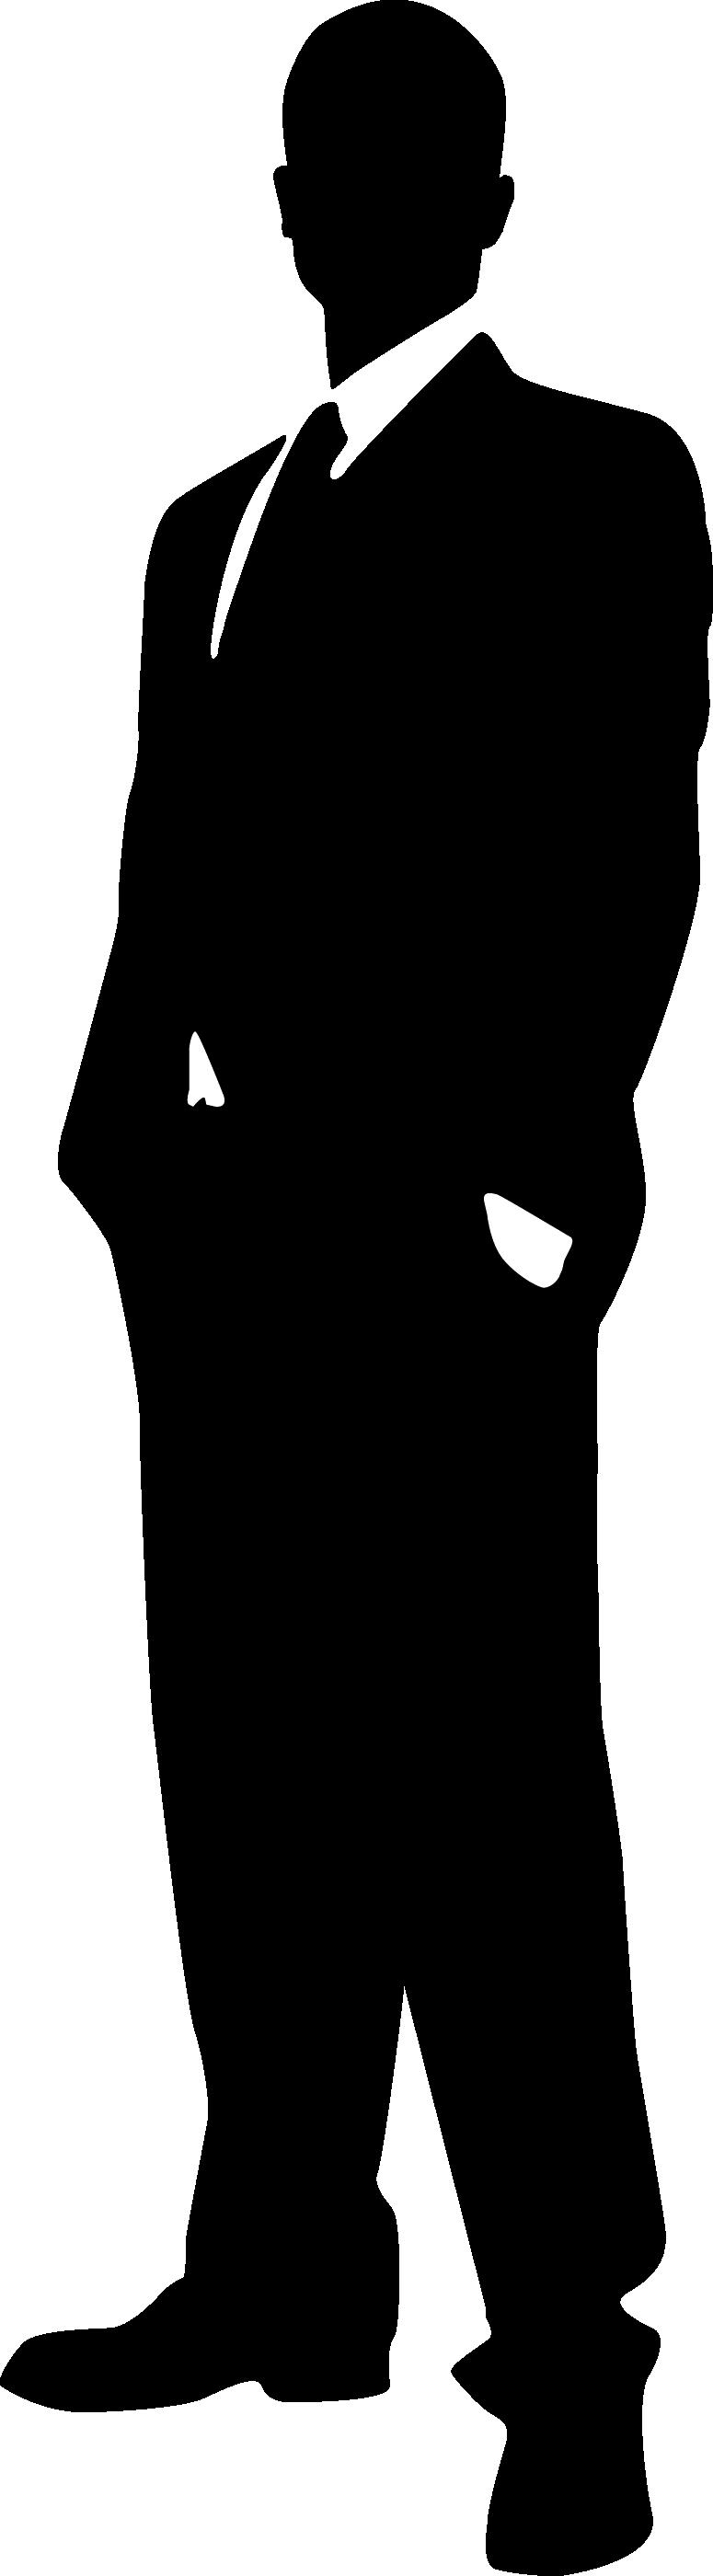 775x2800 Clipart Silhouette Man